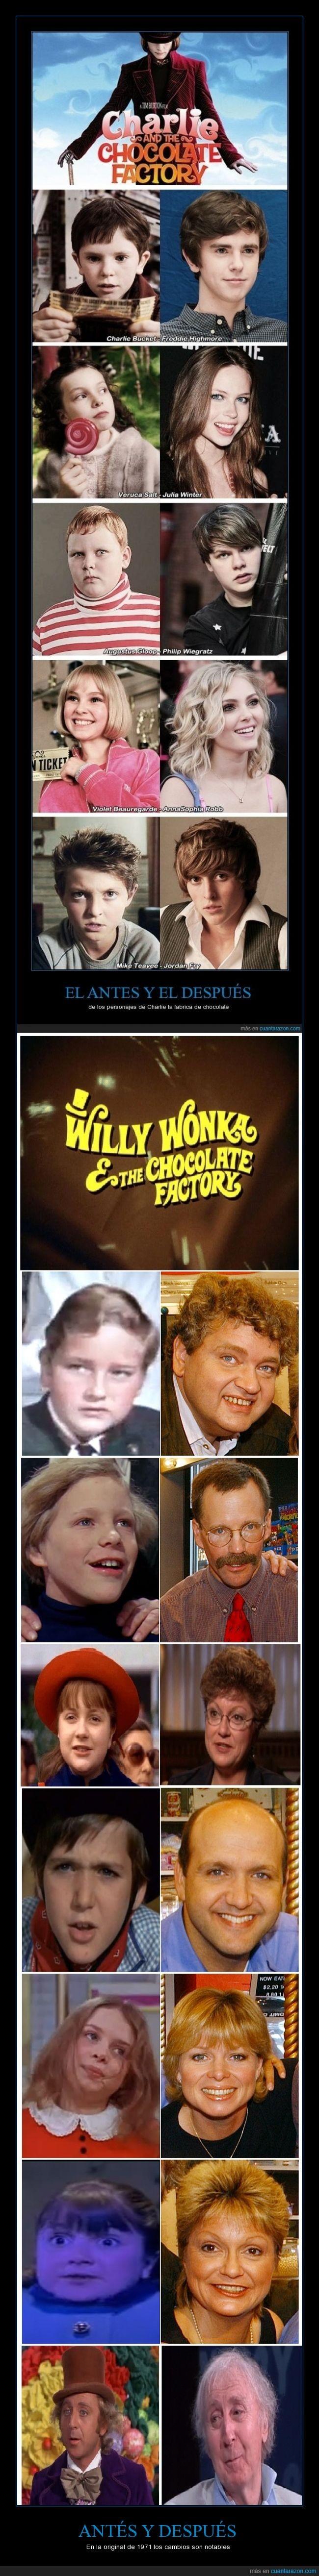 antes,charlie y la fabrica de chocolate,despues,original,pelicula,willy wonka